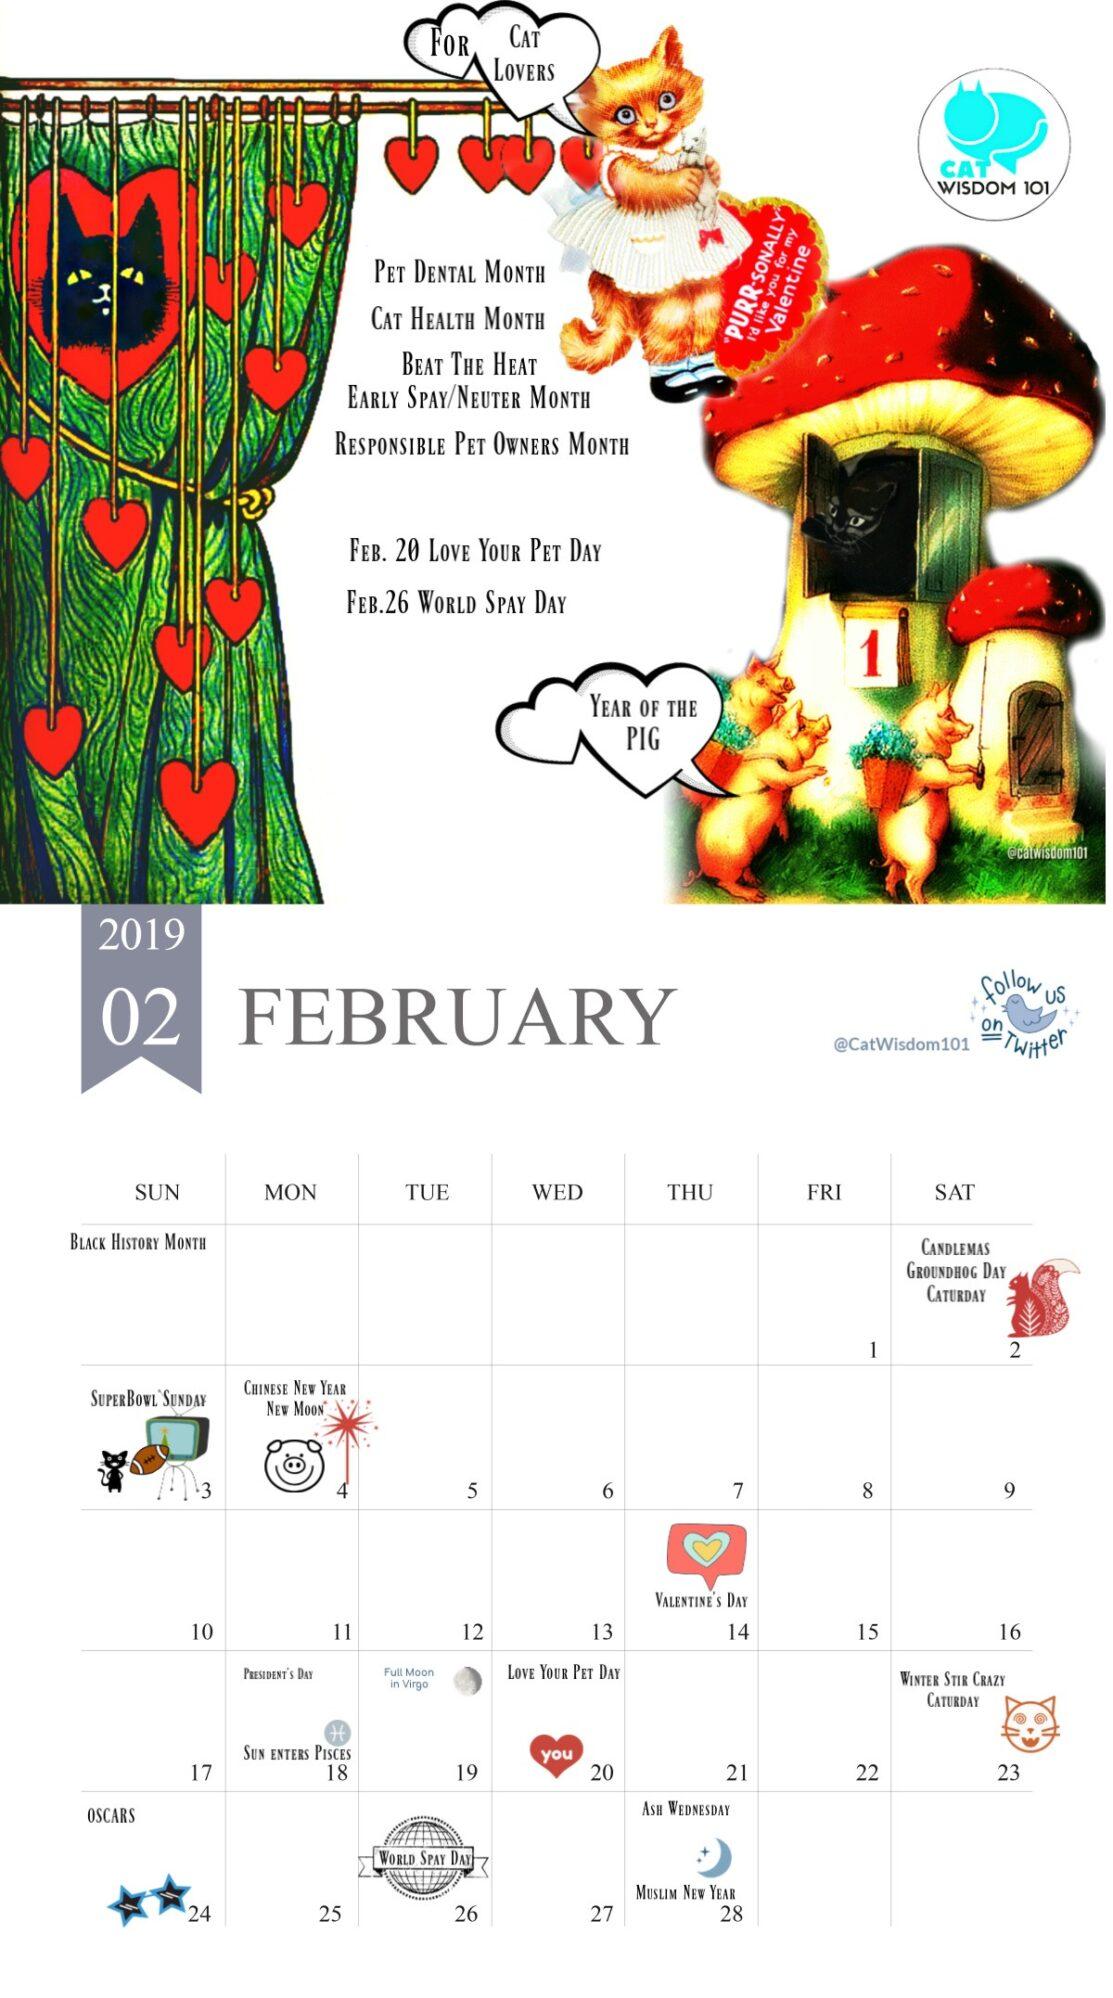 Calendar_2019-february_catwisdom101